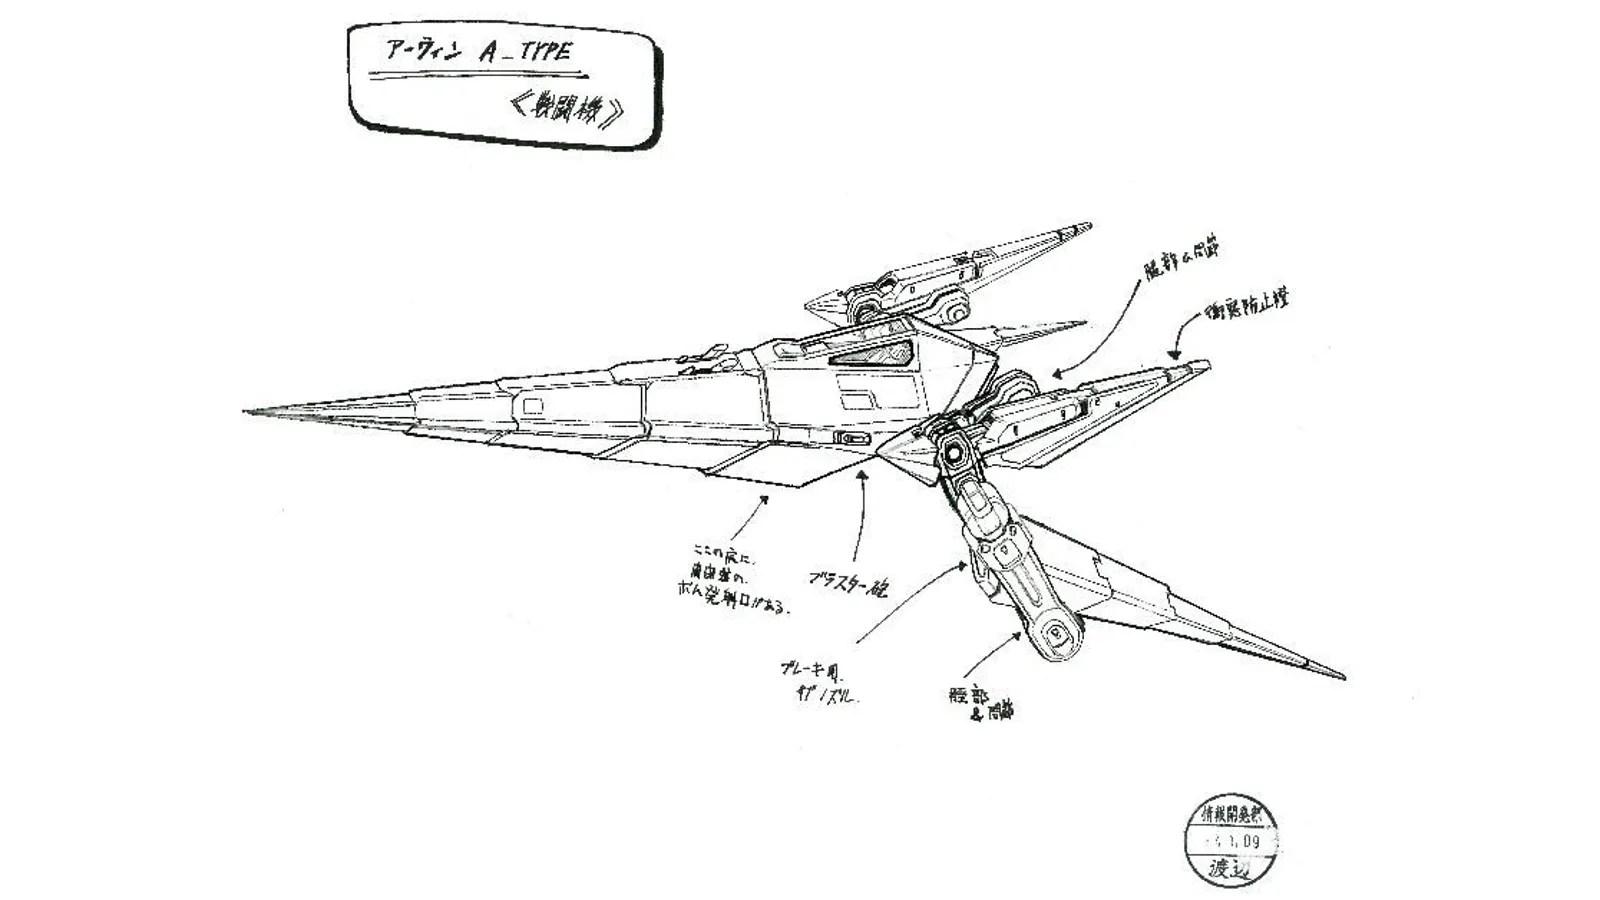 Nintendo Releases Original Star Fox 2 Design Docs